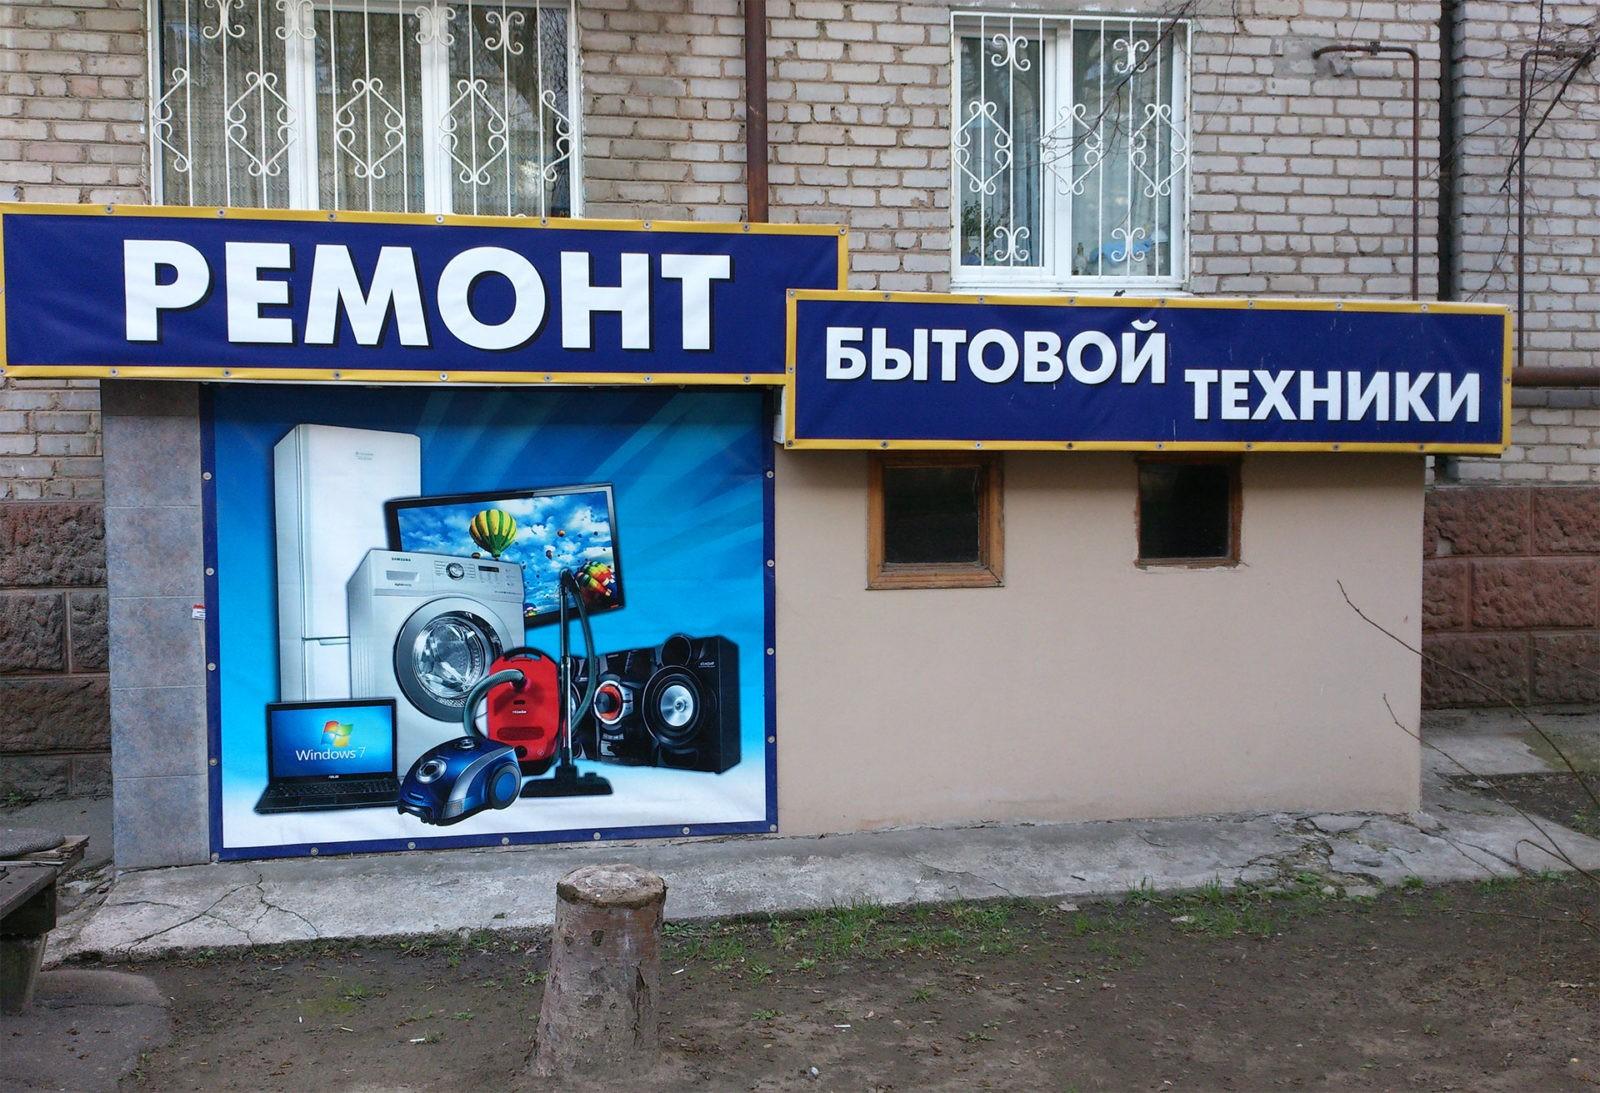 Вывоз холодильника на утилизацию — сдать по выгодной цене в москве и области